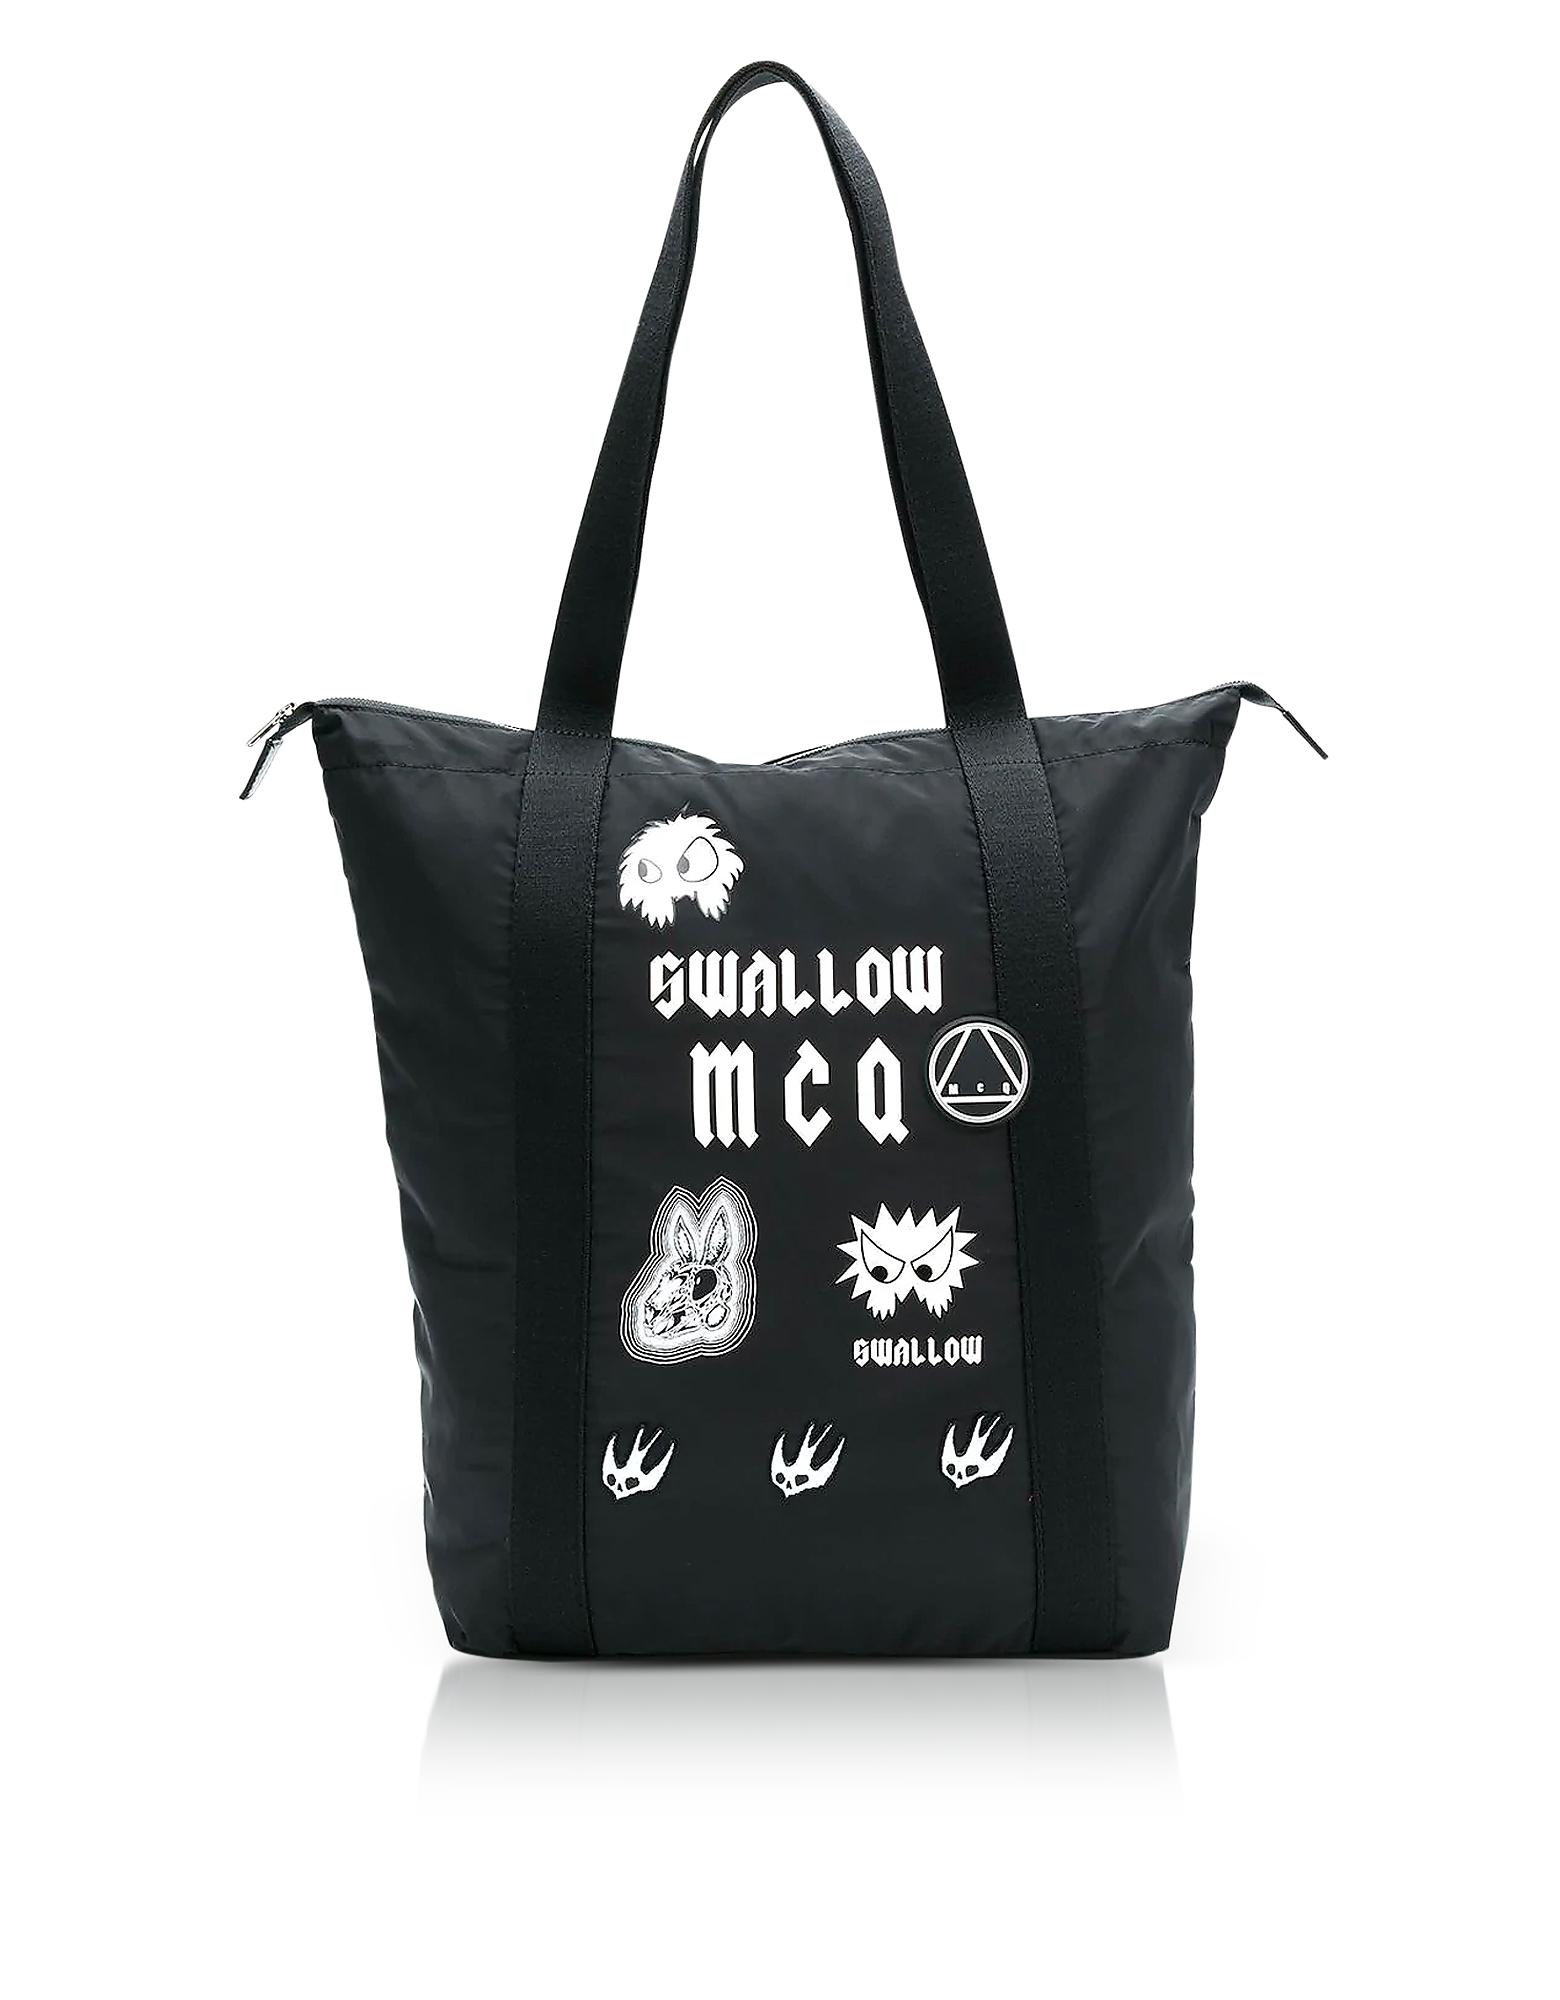 Image of McQ Alexander McQueen Designer Handbags, Sponsorship Black Nylon Shopper Bag w/ Badges